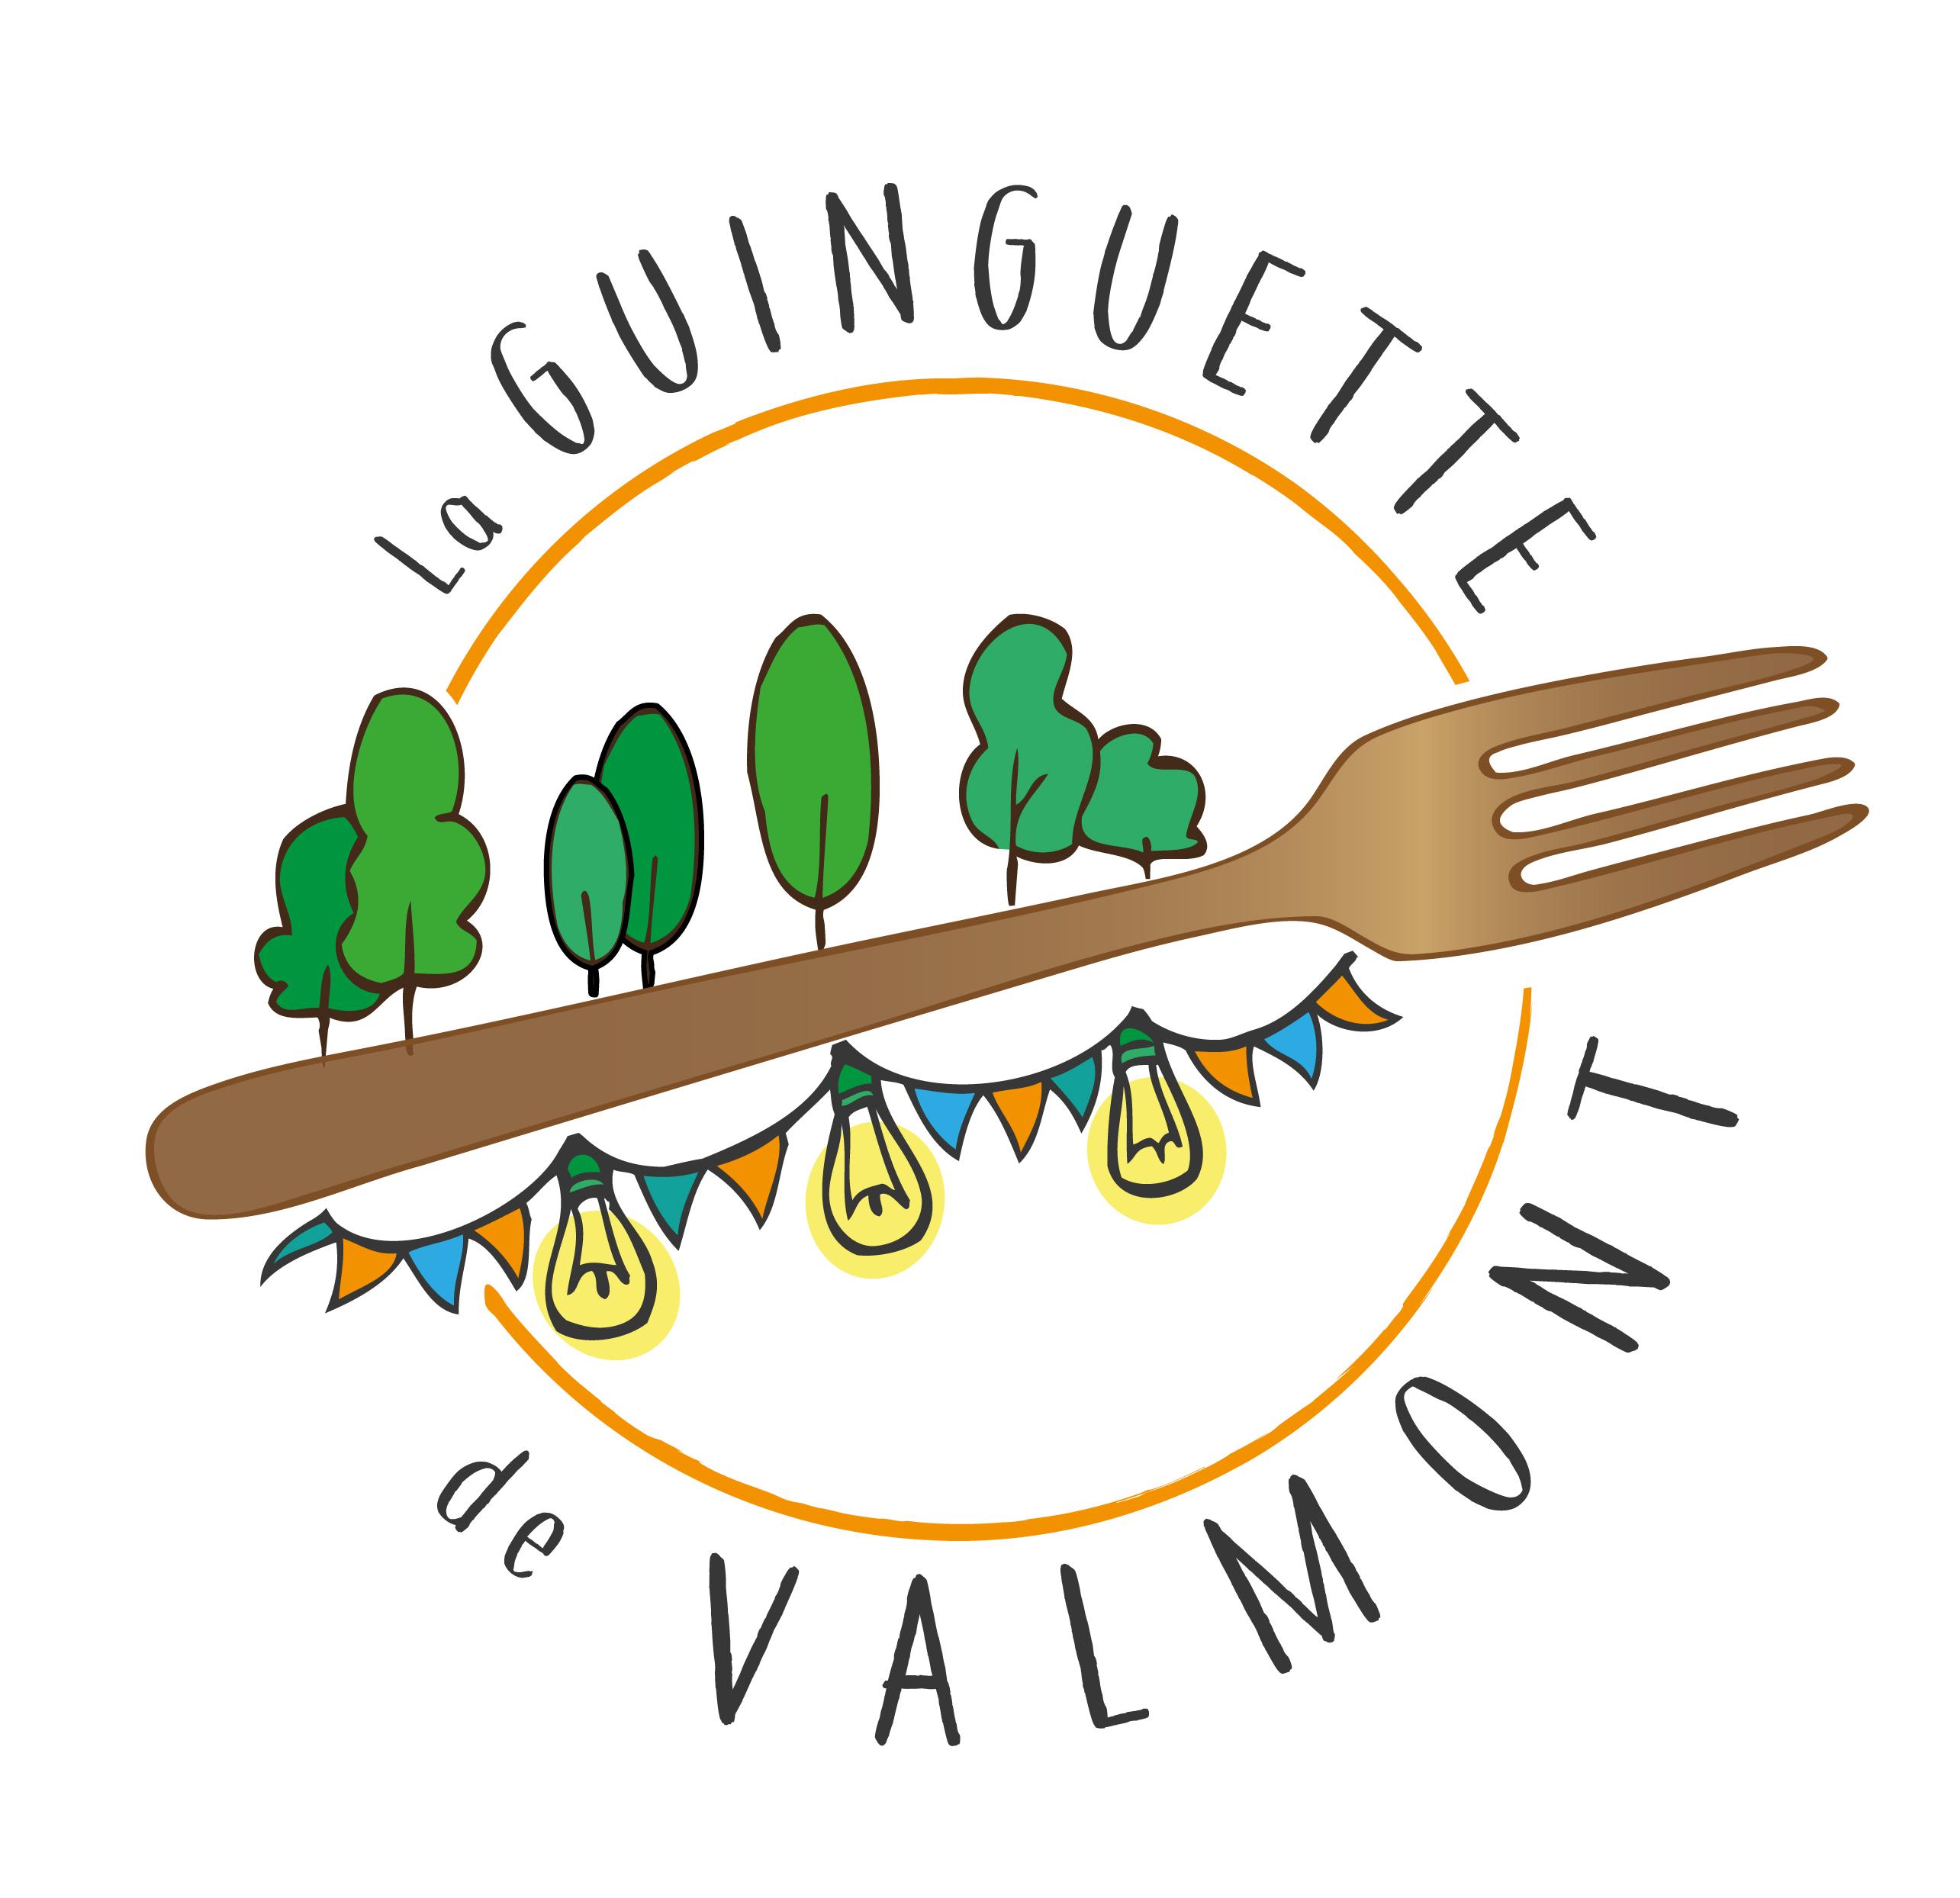 LA GUINGUETTE DE VALMONT